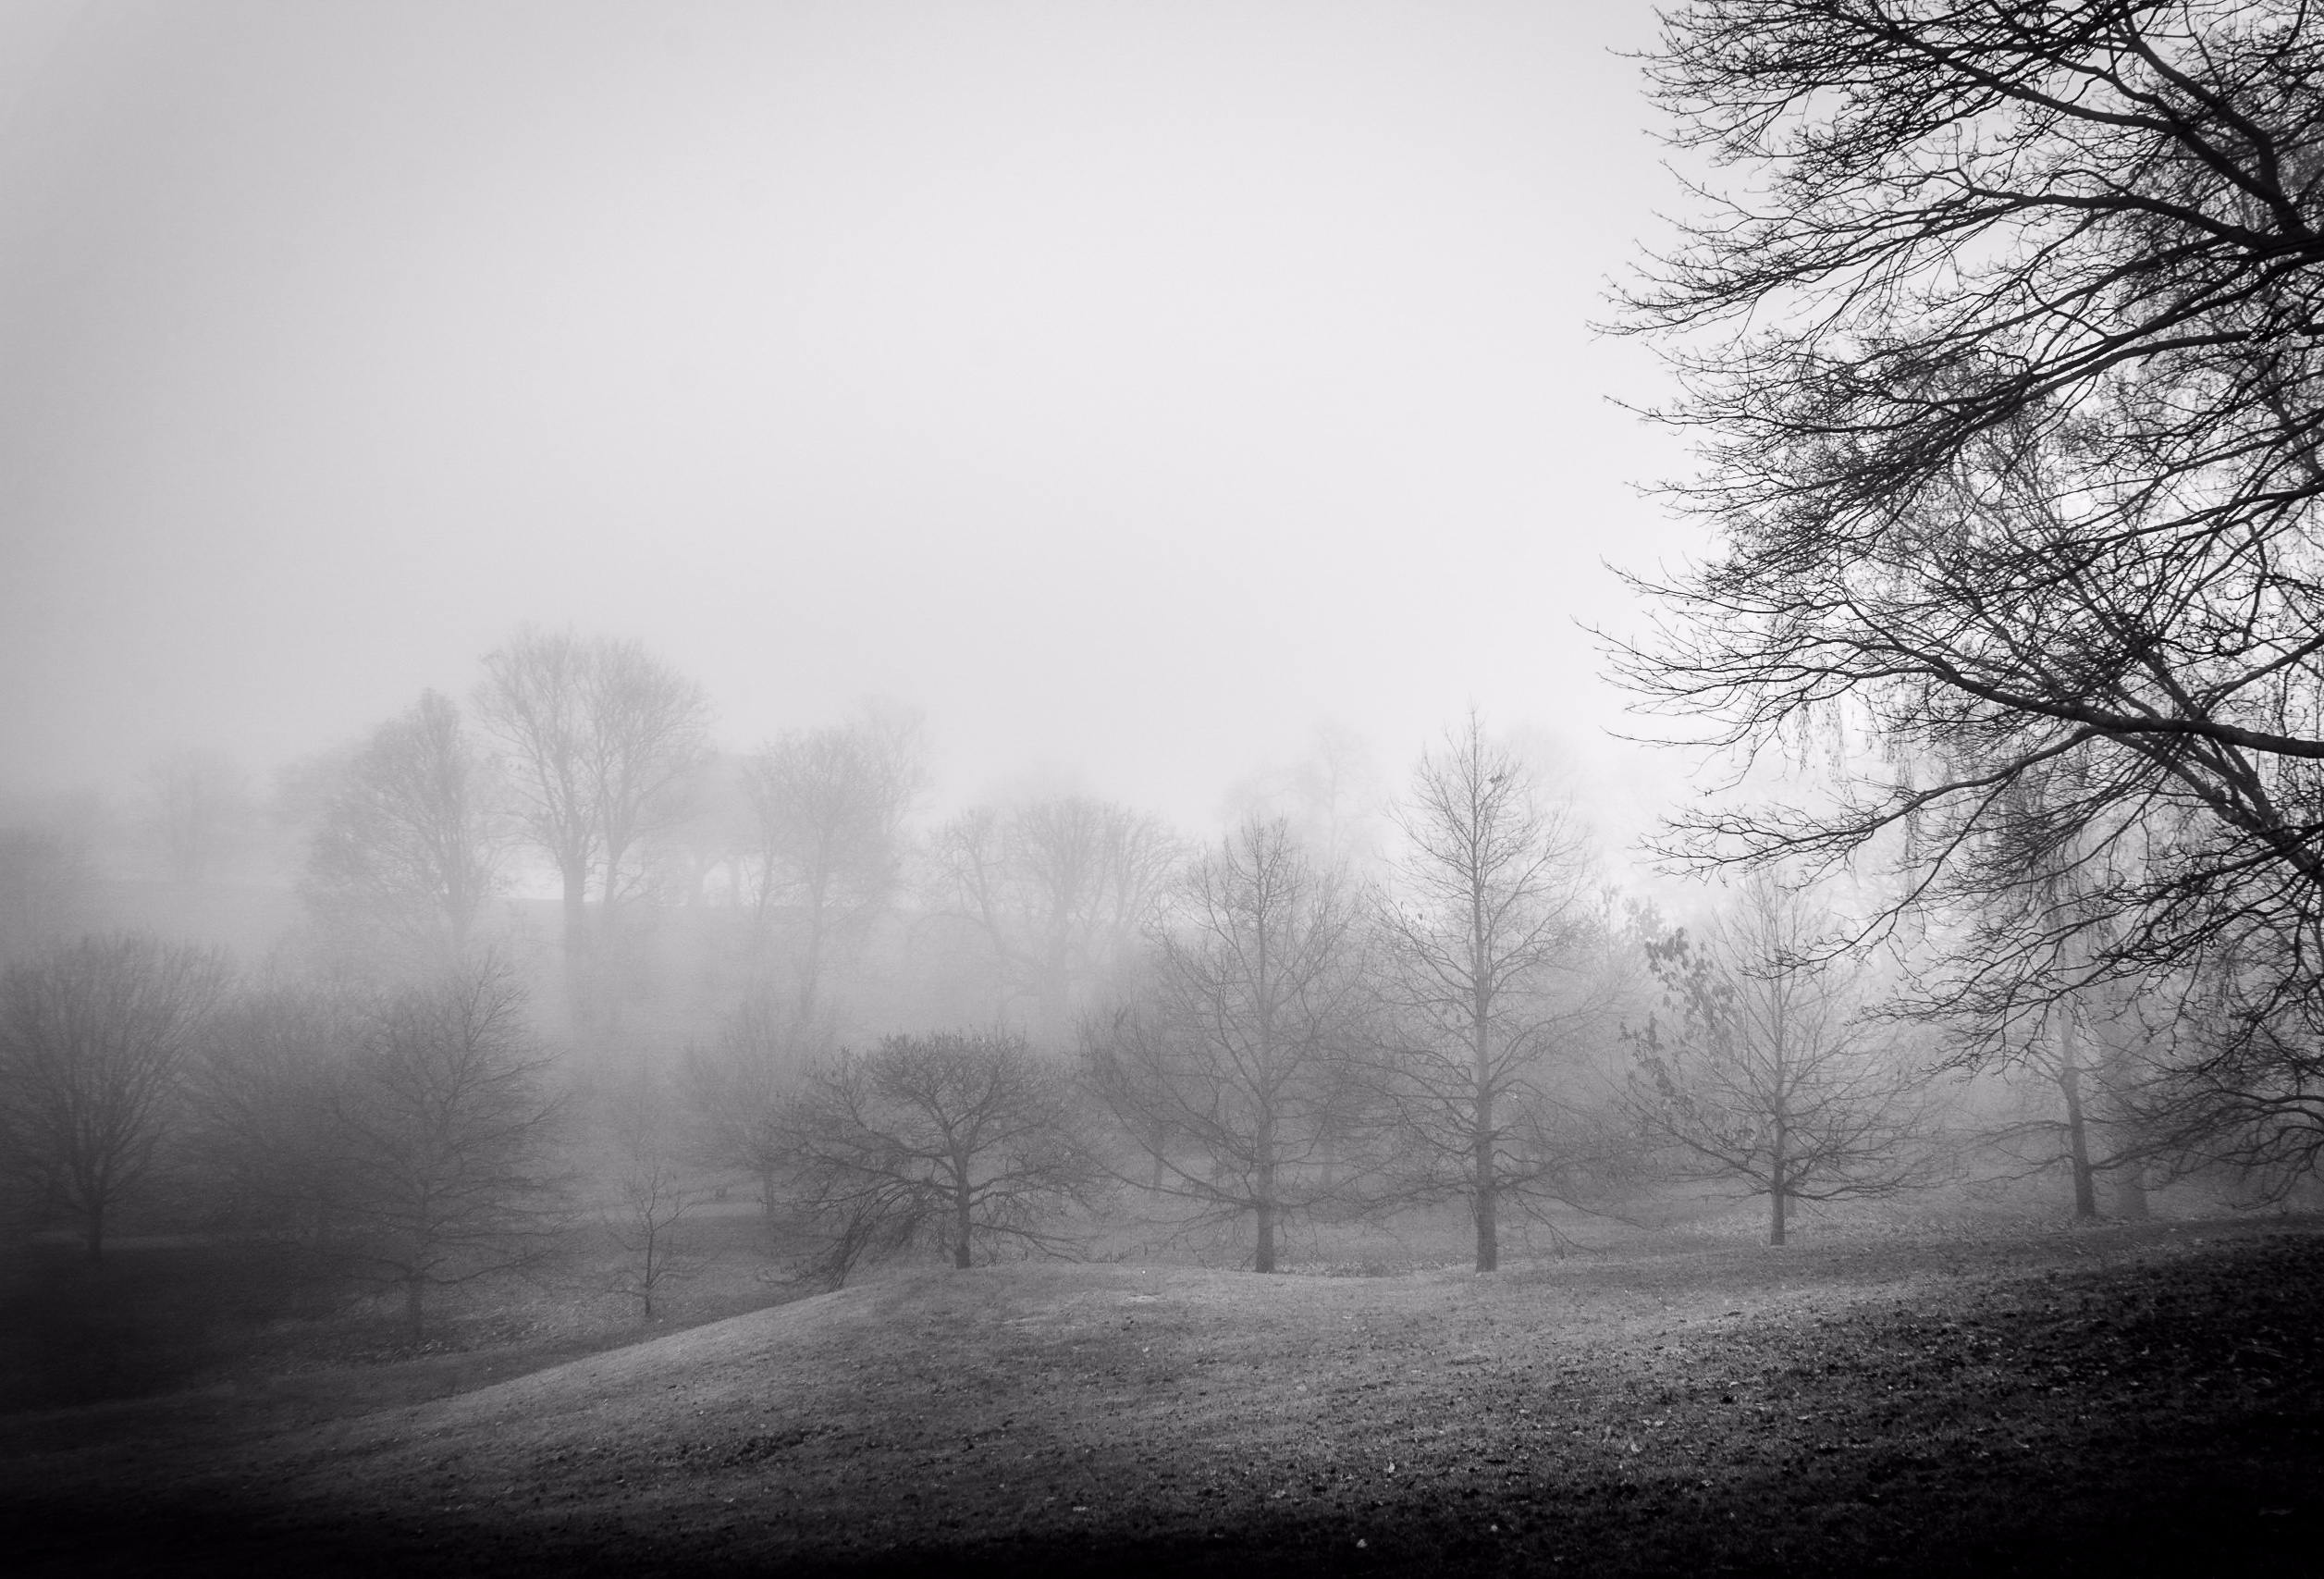 Royal Parks | |#foggy - Greenwich - fabianodu | ello